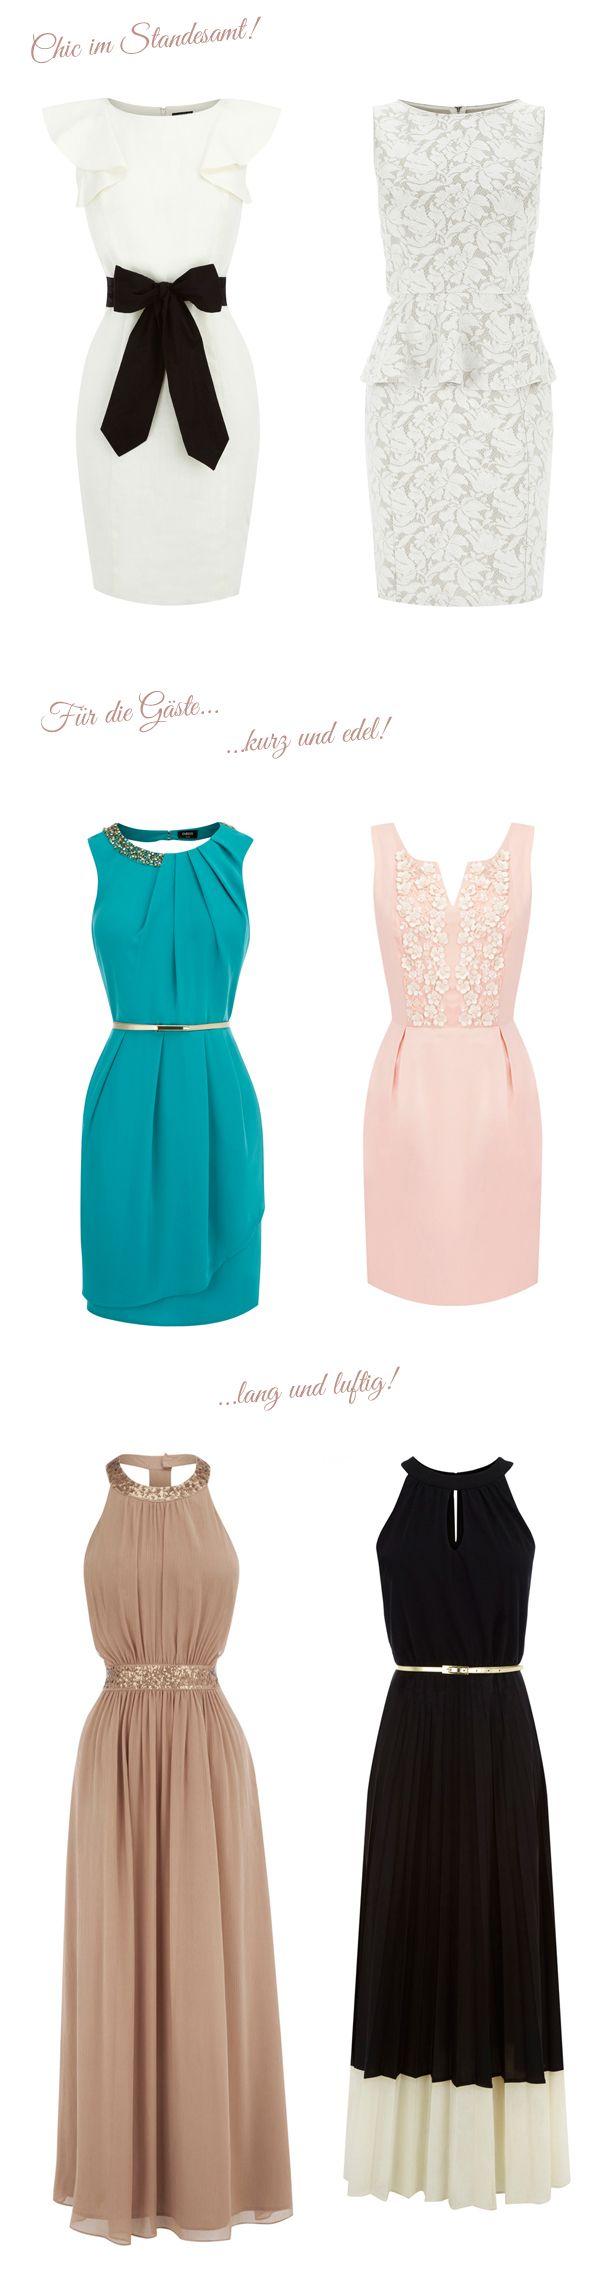 fashion for special occasion by warehouse and oasis ~ kleider von warehouse und oasis  für die hochzeit